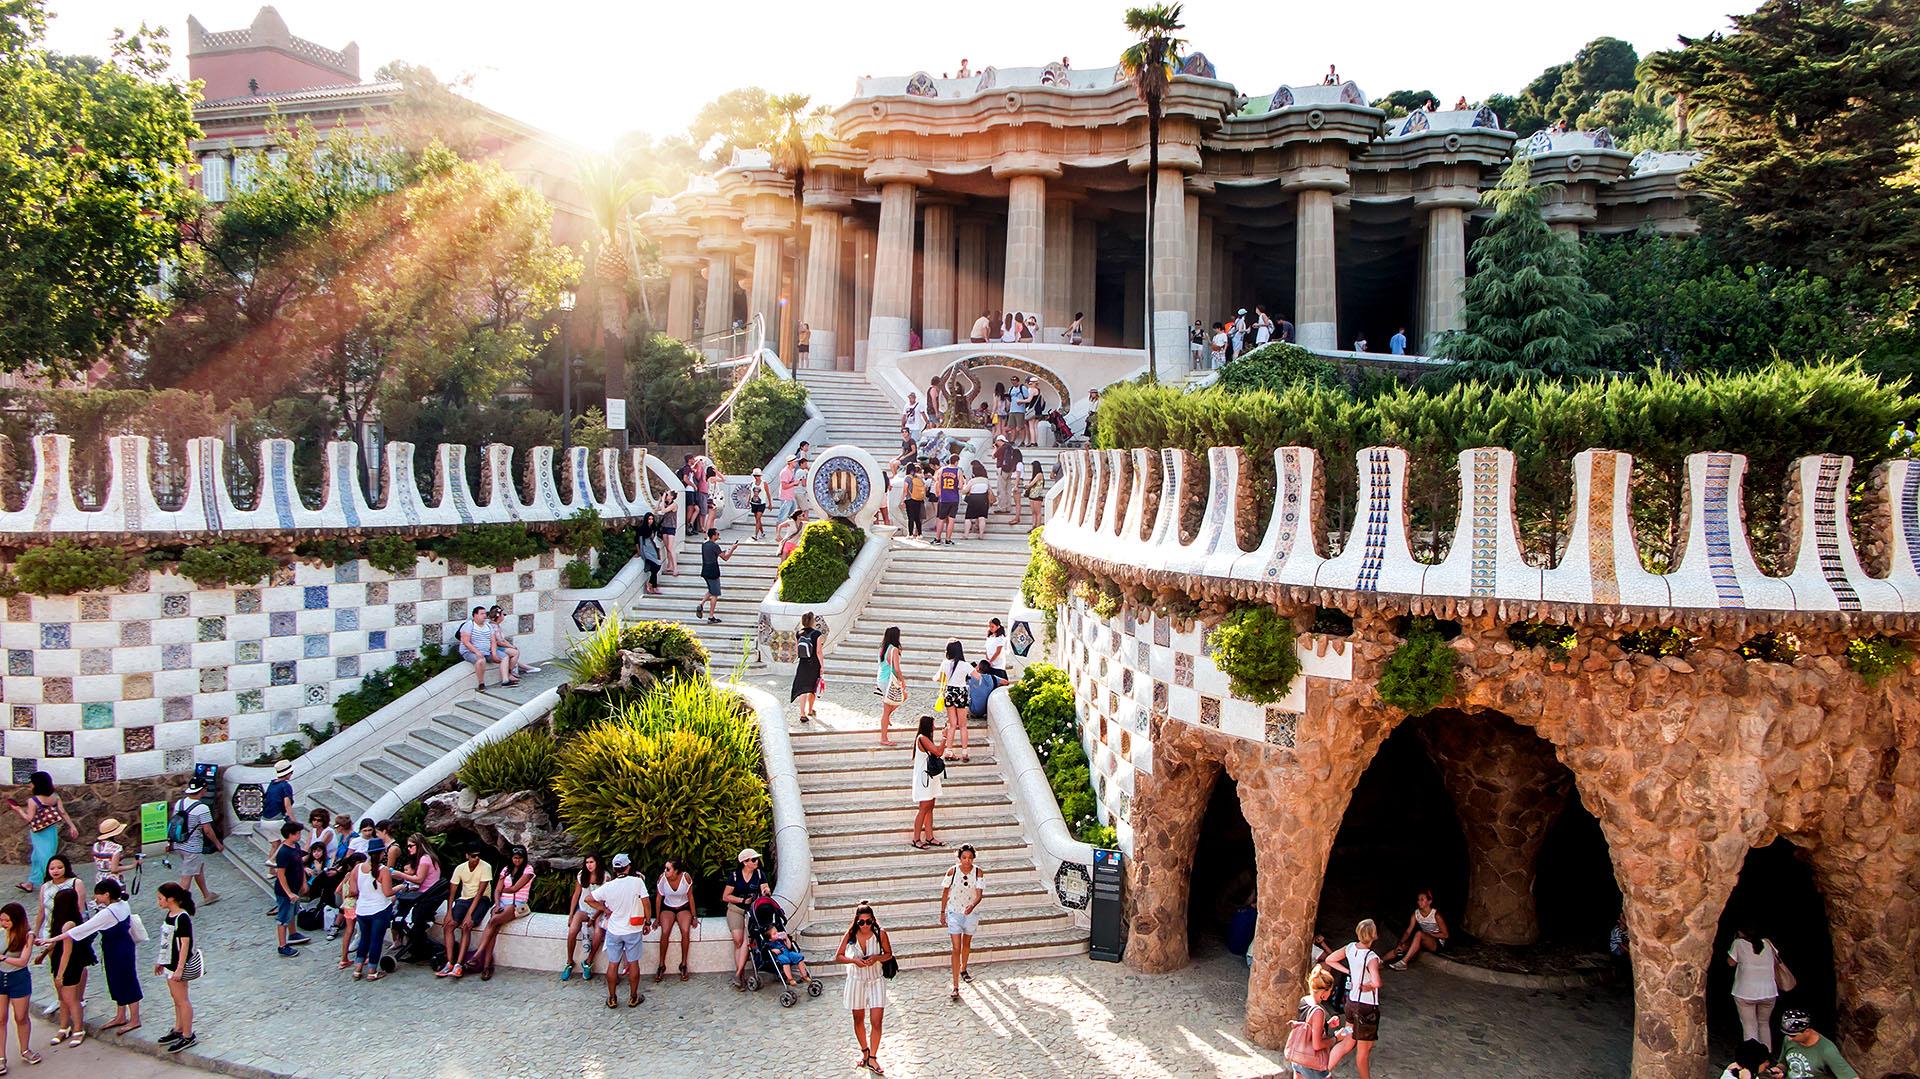 El parque Güell fue un encargo de Eusebi Güell que quería crear un parque de diseño para la aristocracia de Barcelona